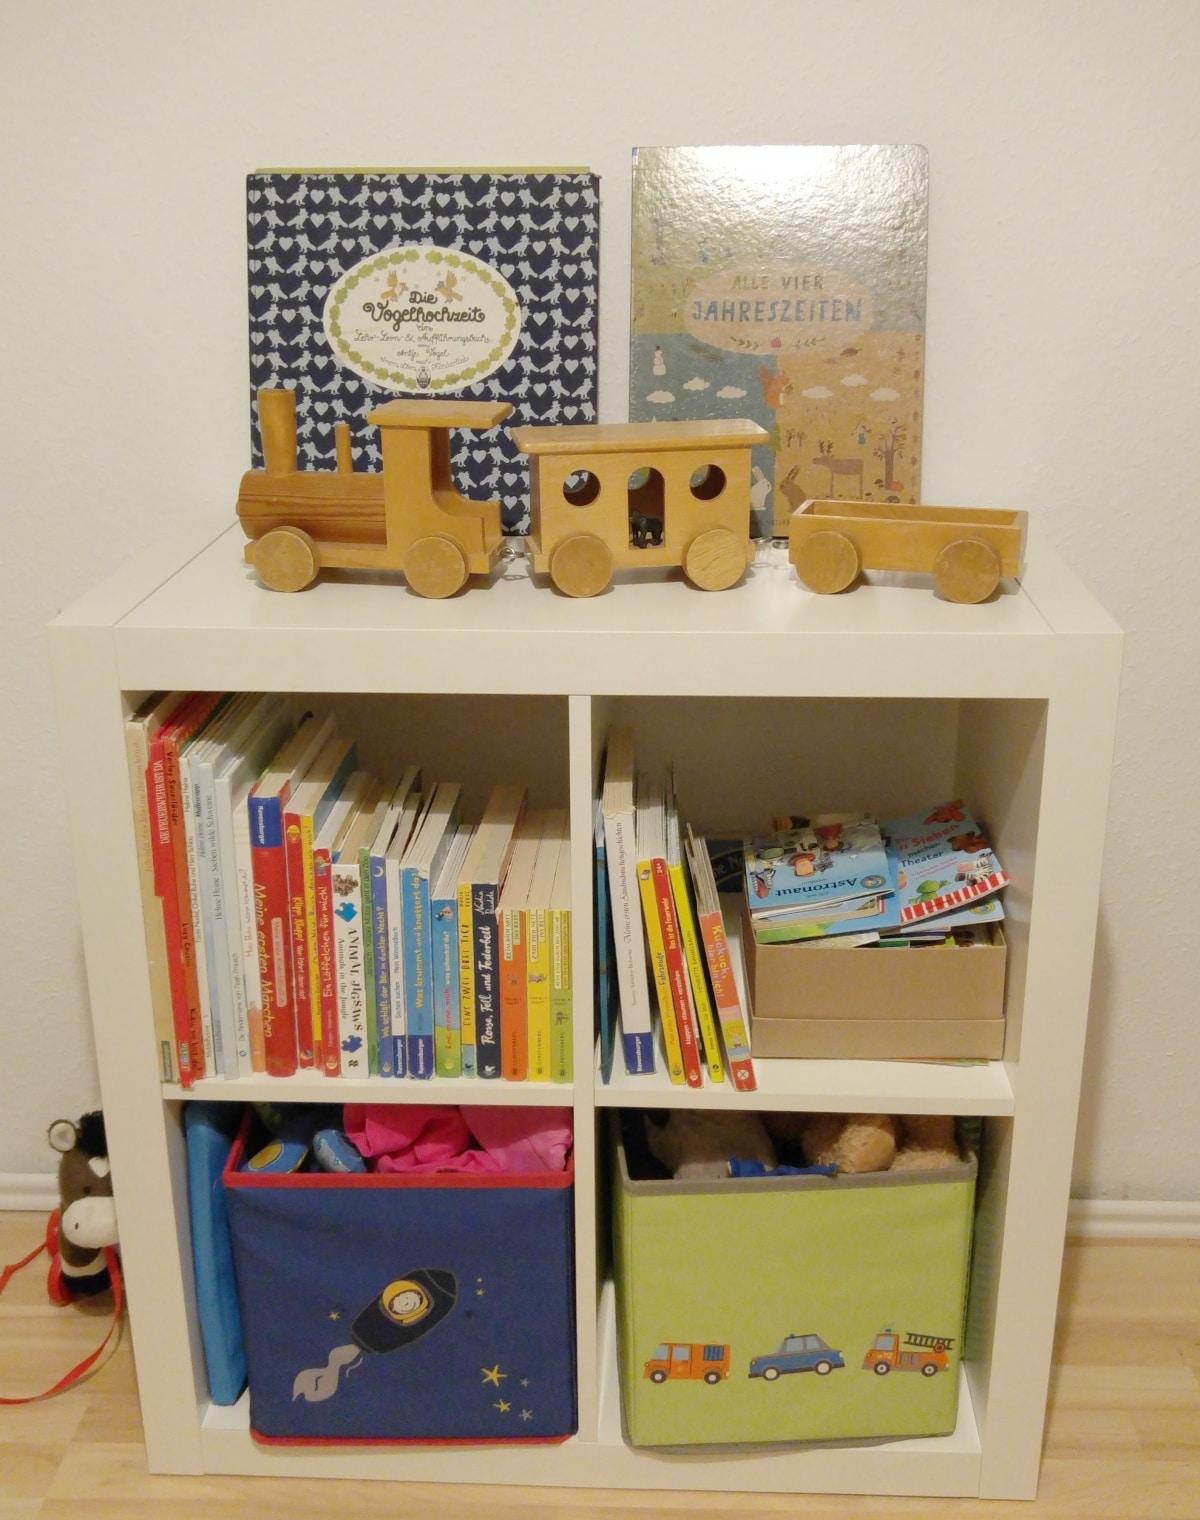 Full Size of Kinderzimmer Bücherregal Spielzeug Nachhaltig Schenken Kriterien Fr Auswahl Regale Regal Weiß Sofa Kinderzimmer Kinderzimmer Bücherregal